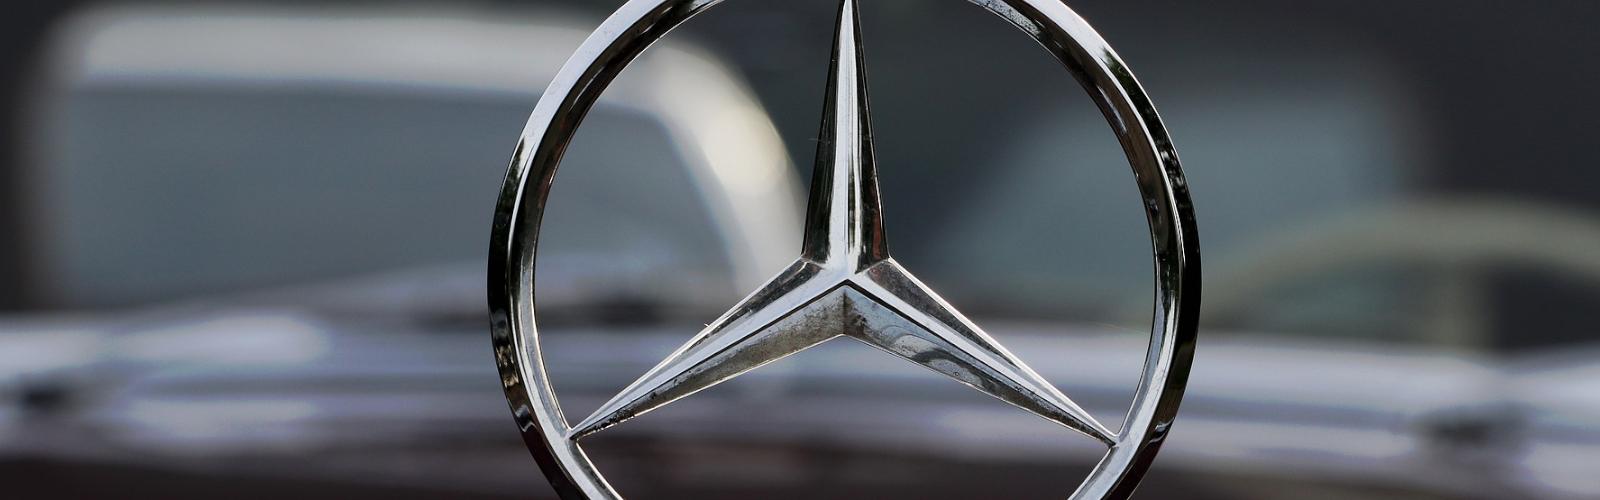 Jetzt droht Daimler eine Klagewelle